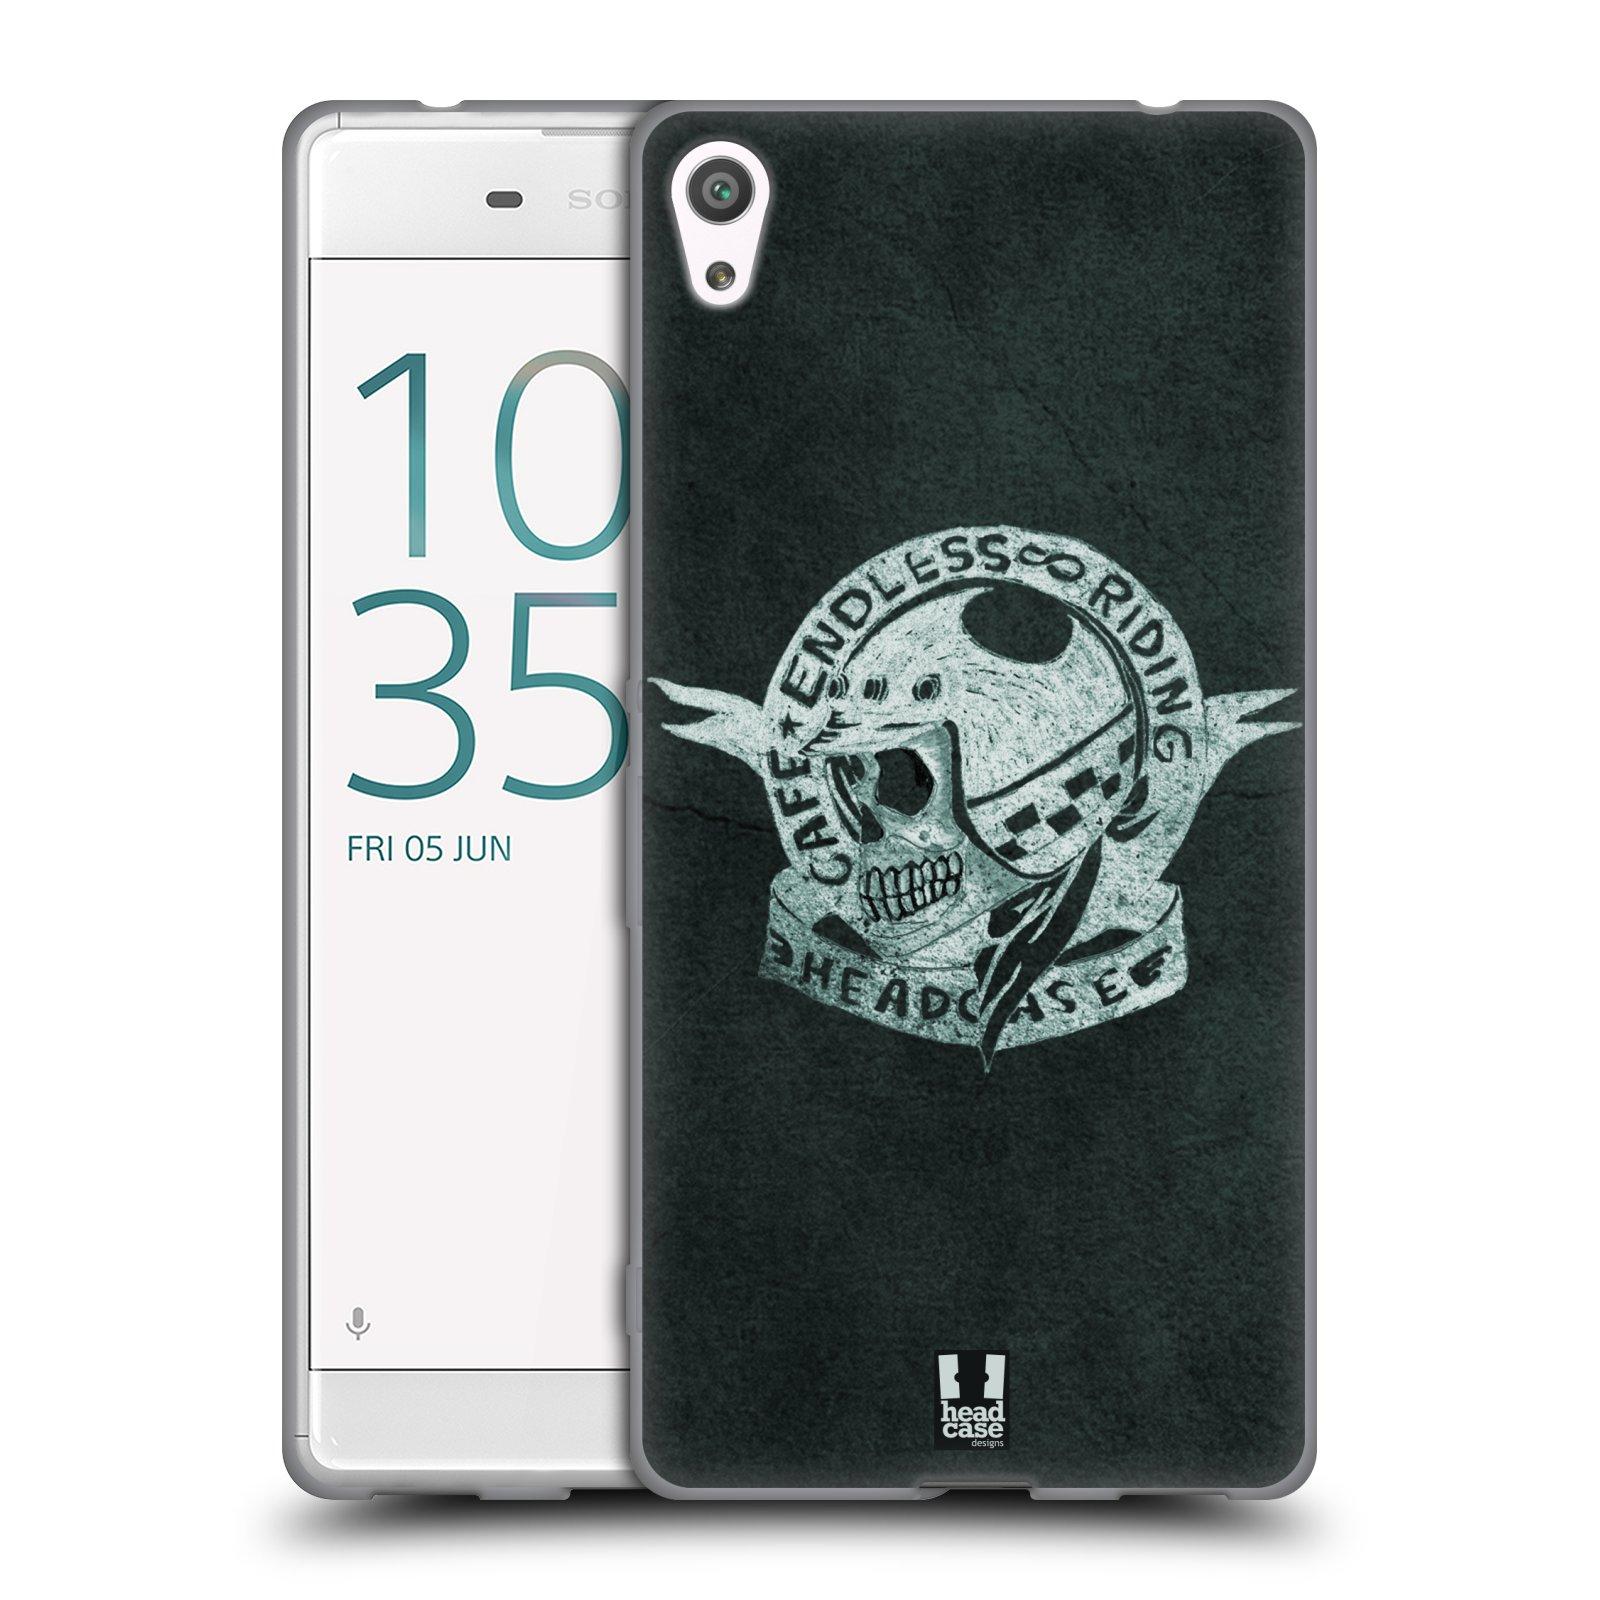 HEAD CASE silikonový obal na mobil Sony Xperia XA ULTRA Motorkáři Cafe Racer nekonečné závodění